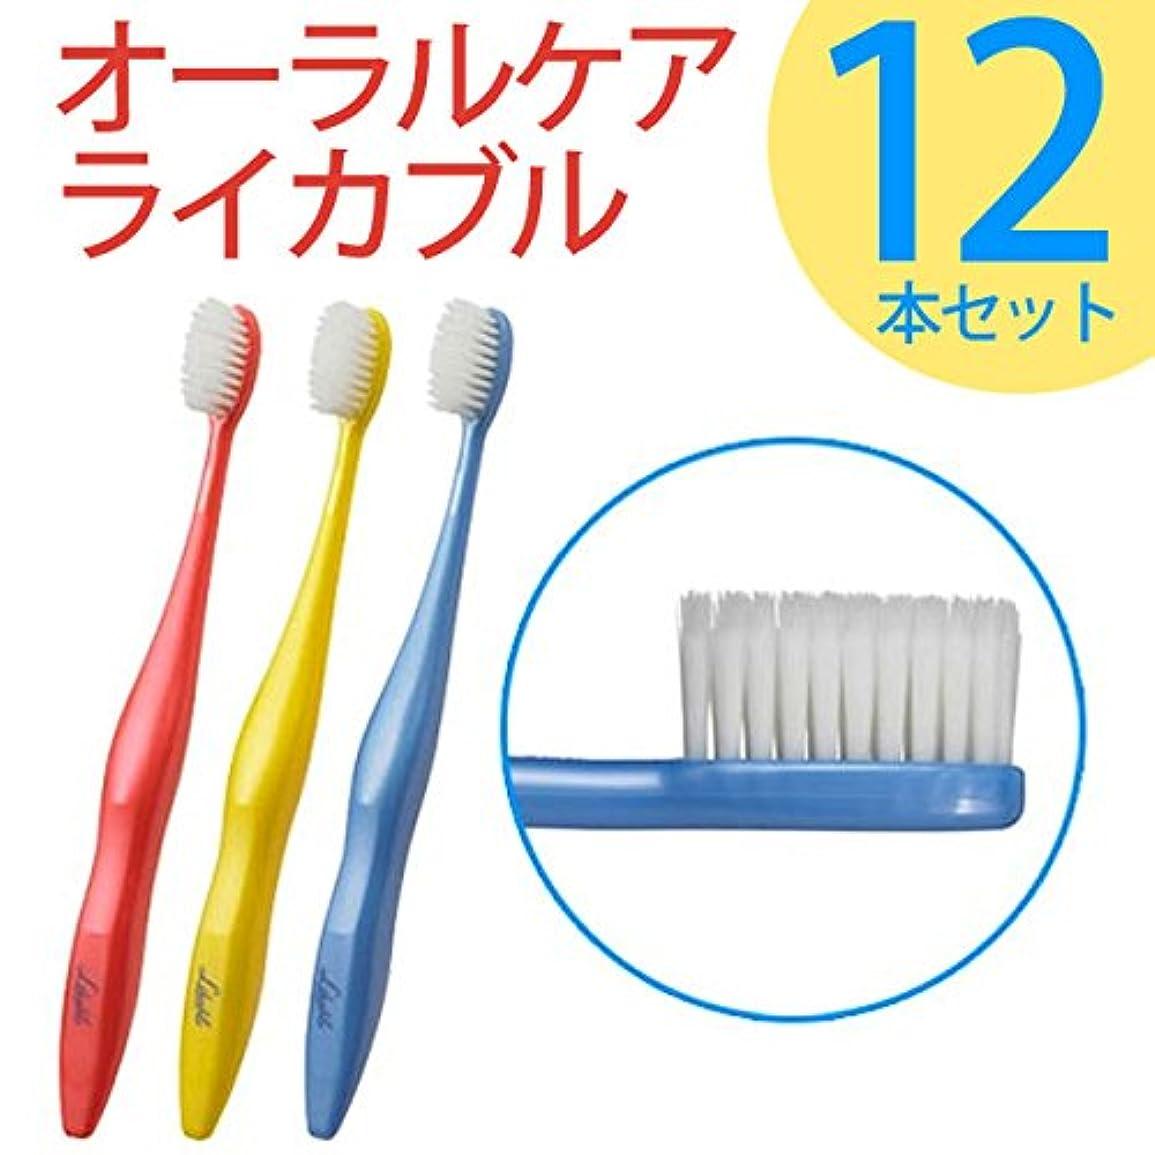 童謡また明日ね容器ライカブル ライカブル メンテナンス用 歯ブラシ 12本セット